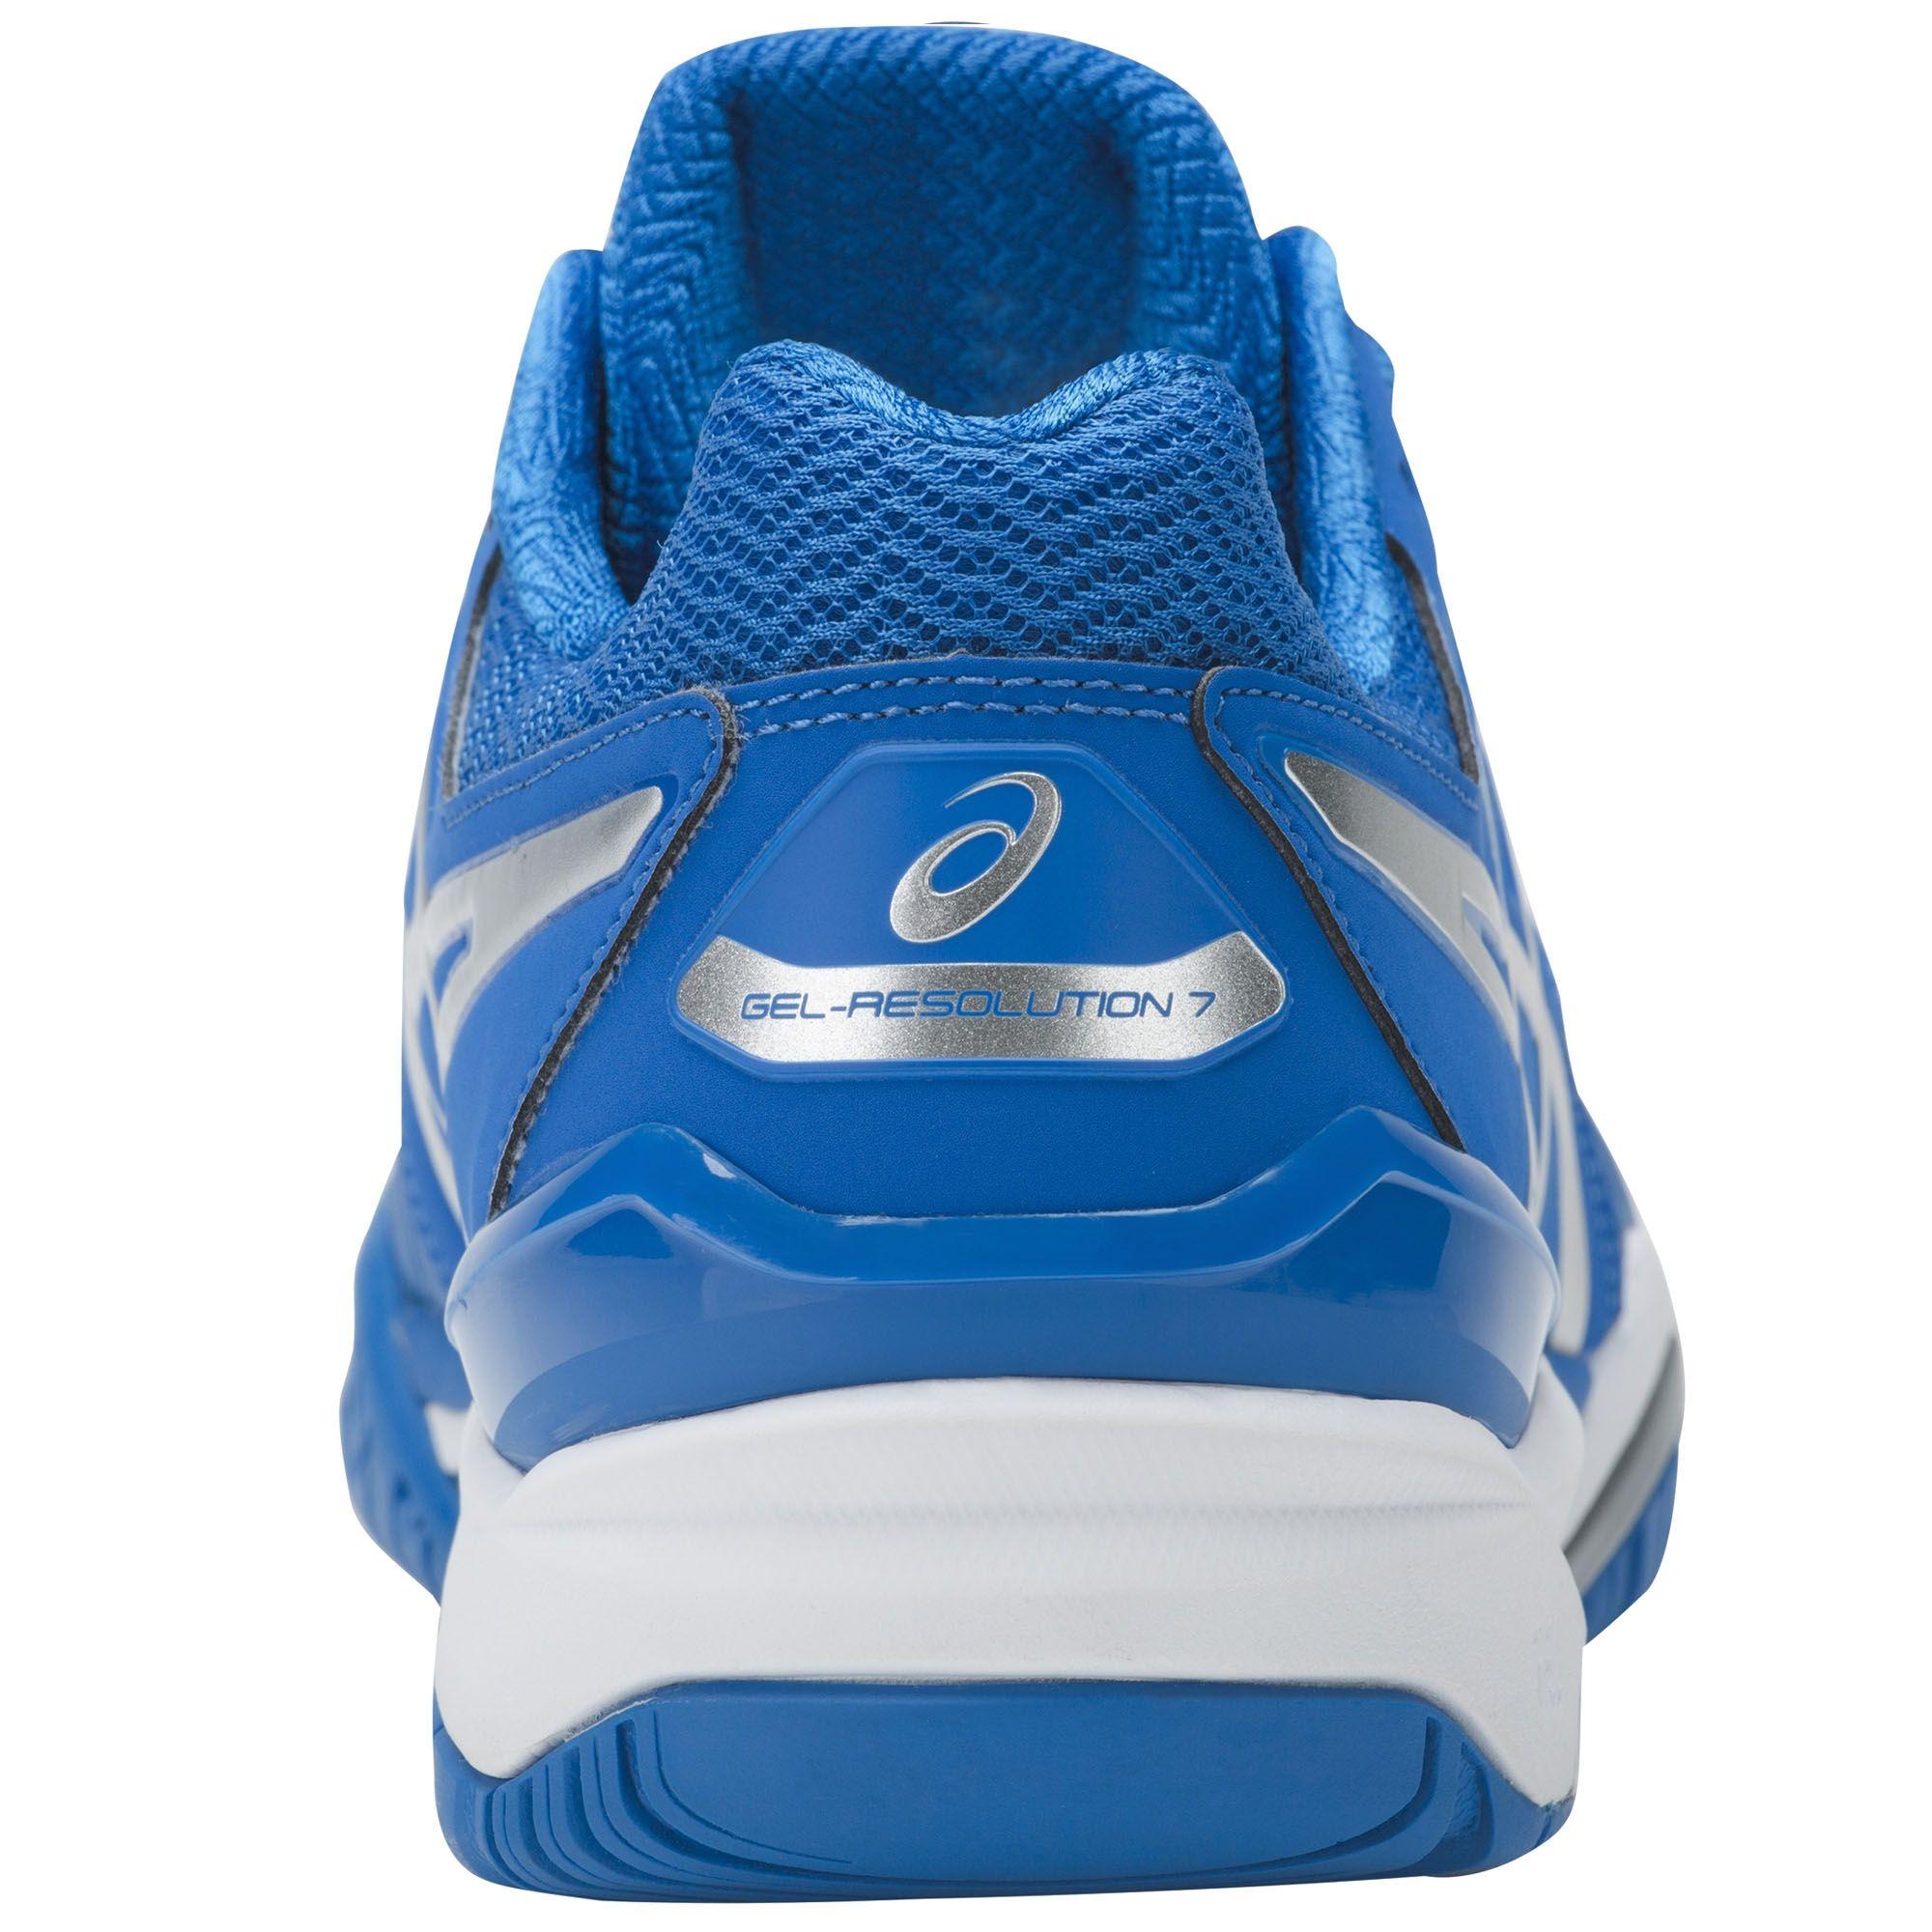 Asics Gel Resolution 7 Mens Tennis Shoes Aw17 Sweatband Com